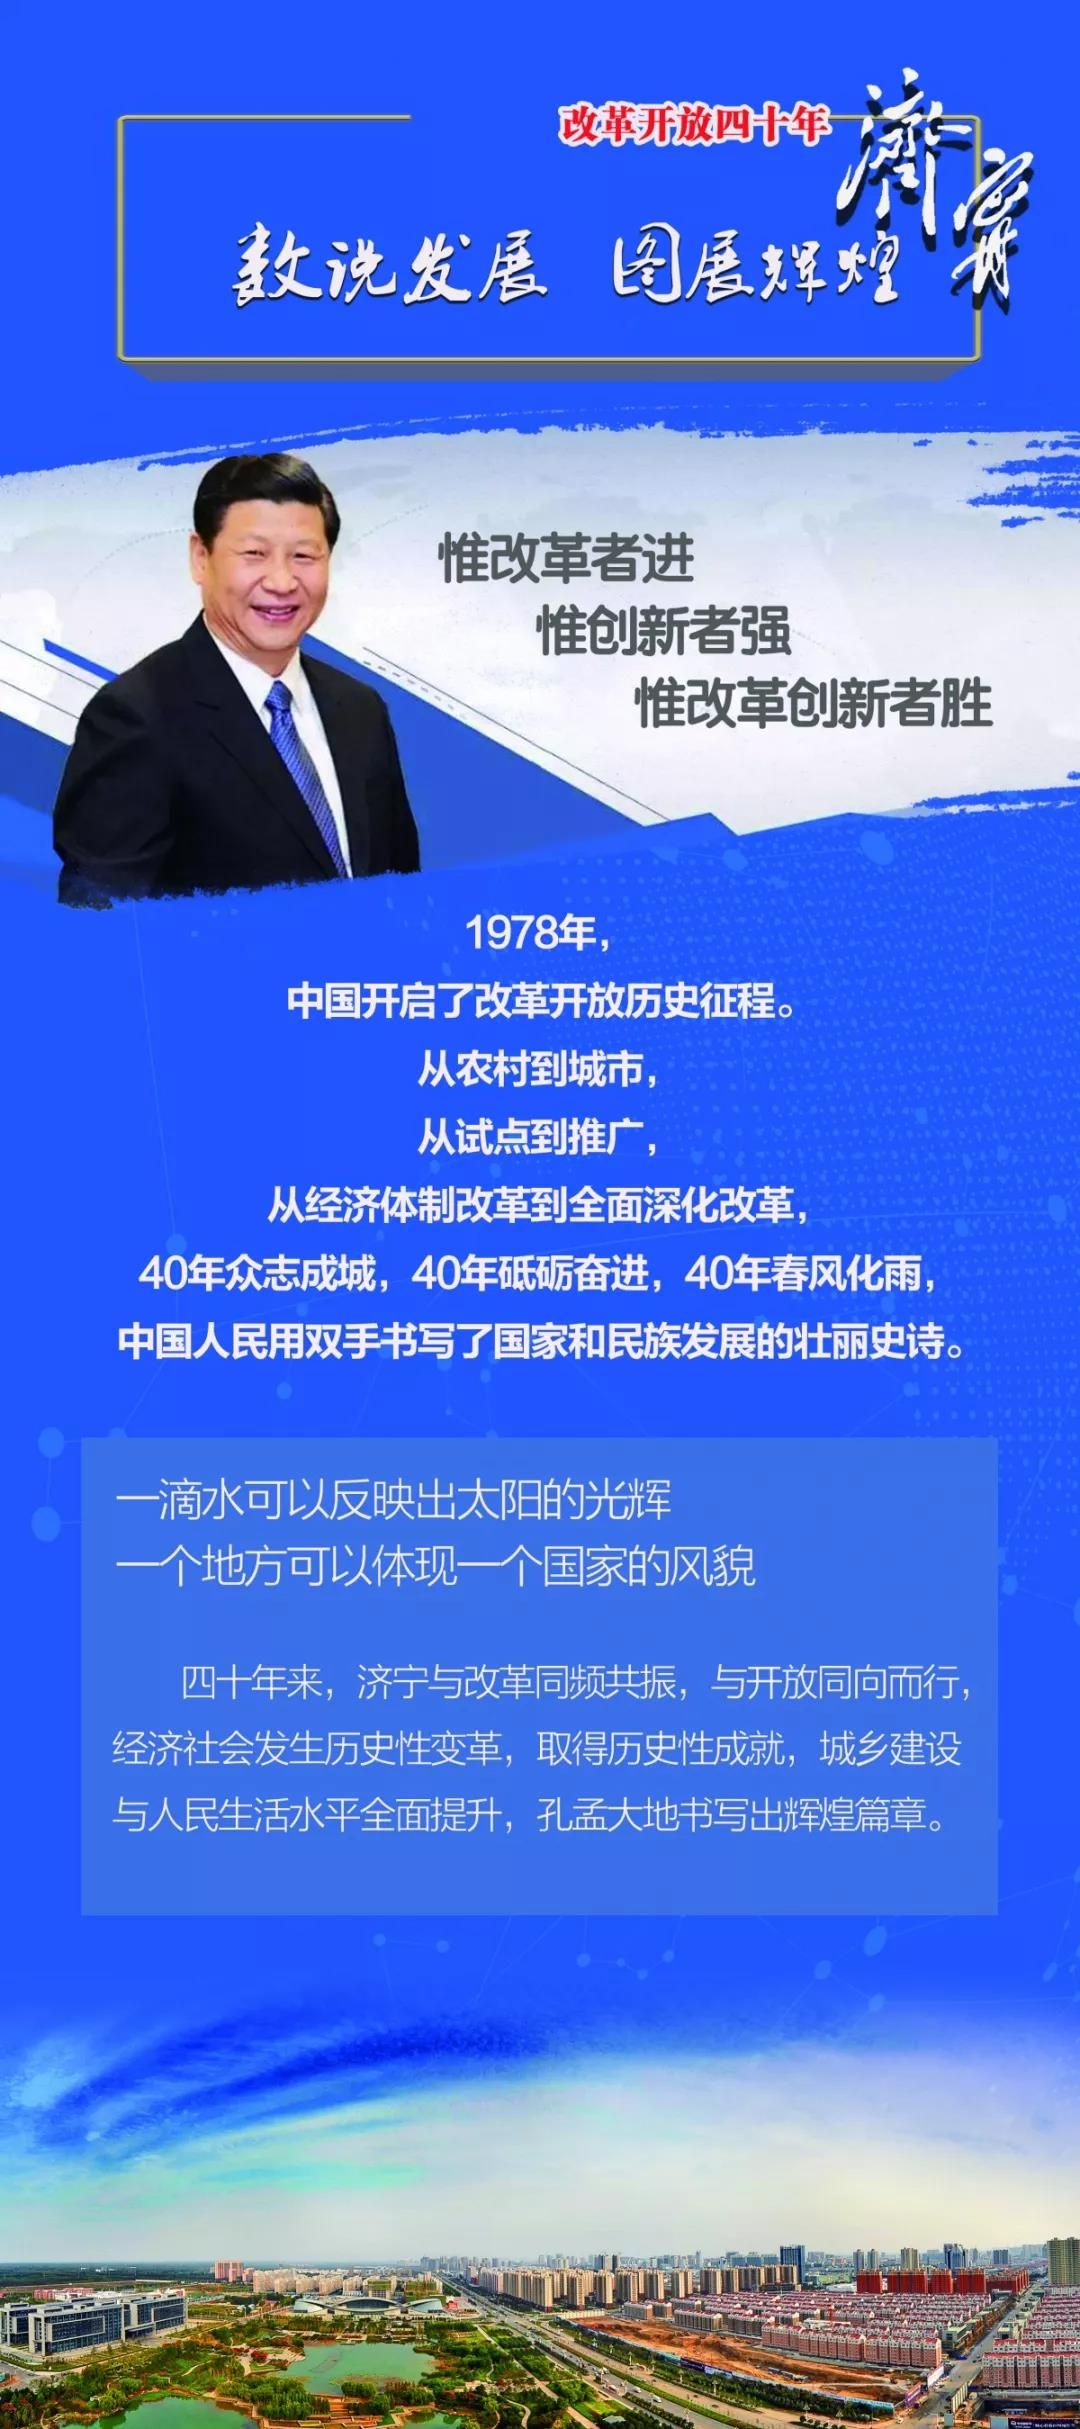 一图看懂,济宁改革开放四十年巨变!